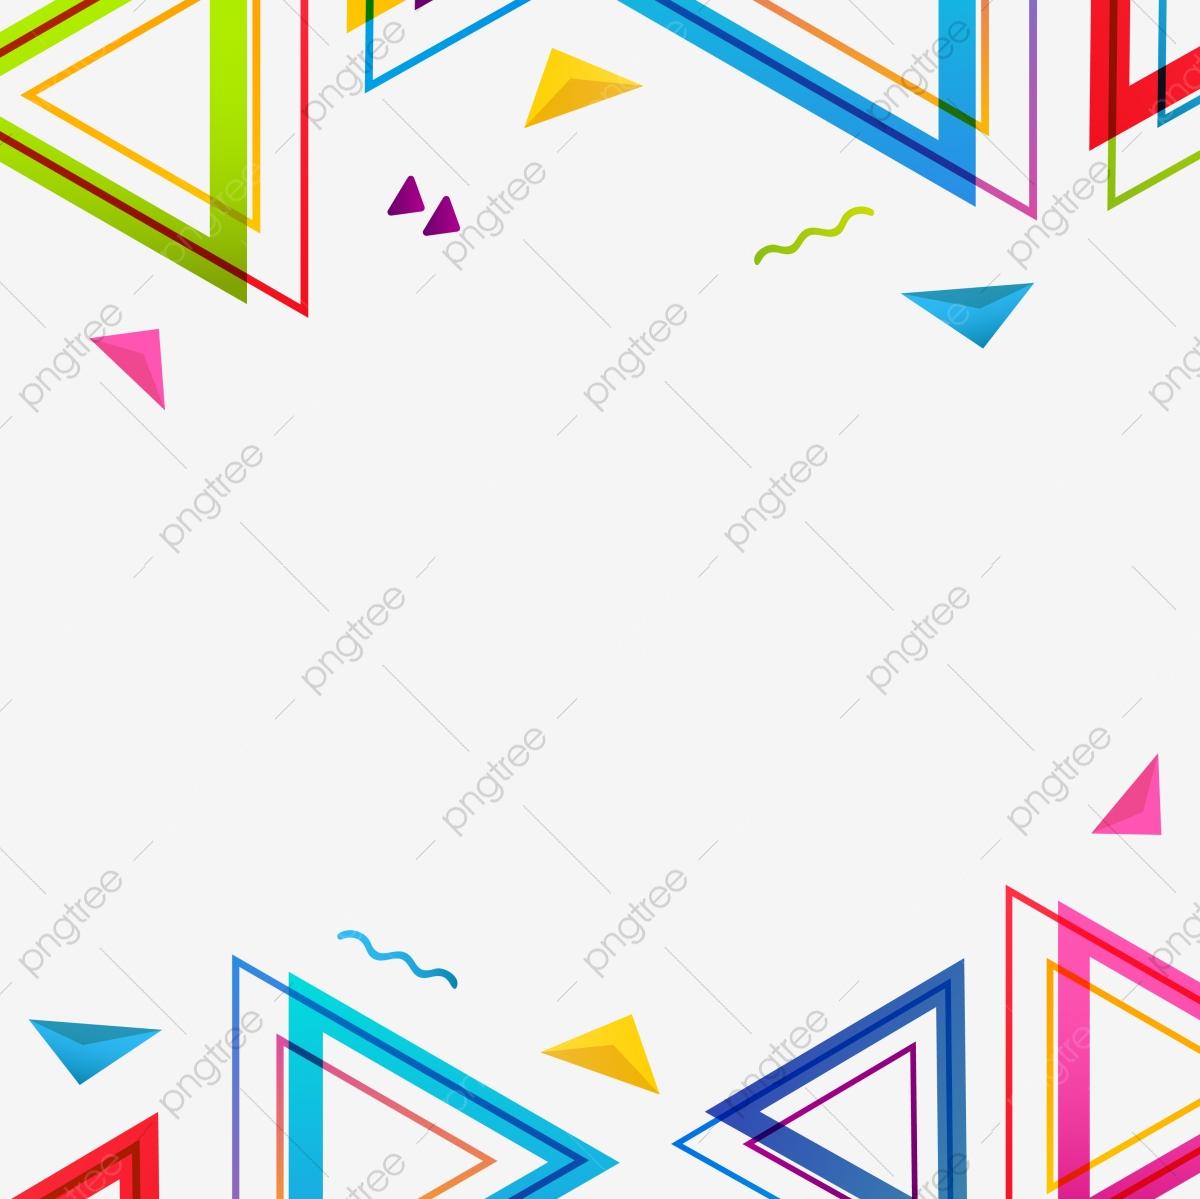 Résumé Les Formes Géométriques Colorées Contexte, Contexte à Les Formes Geometrique